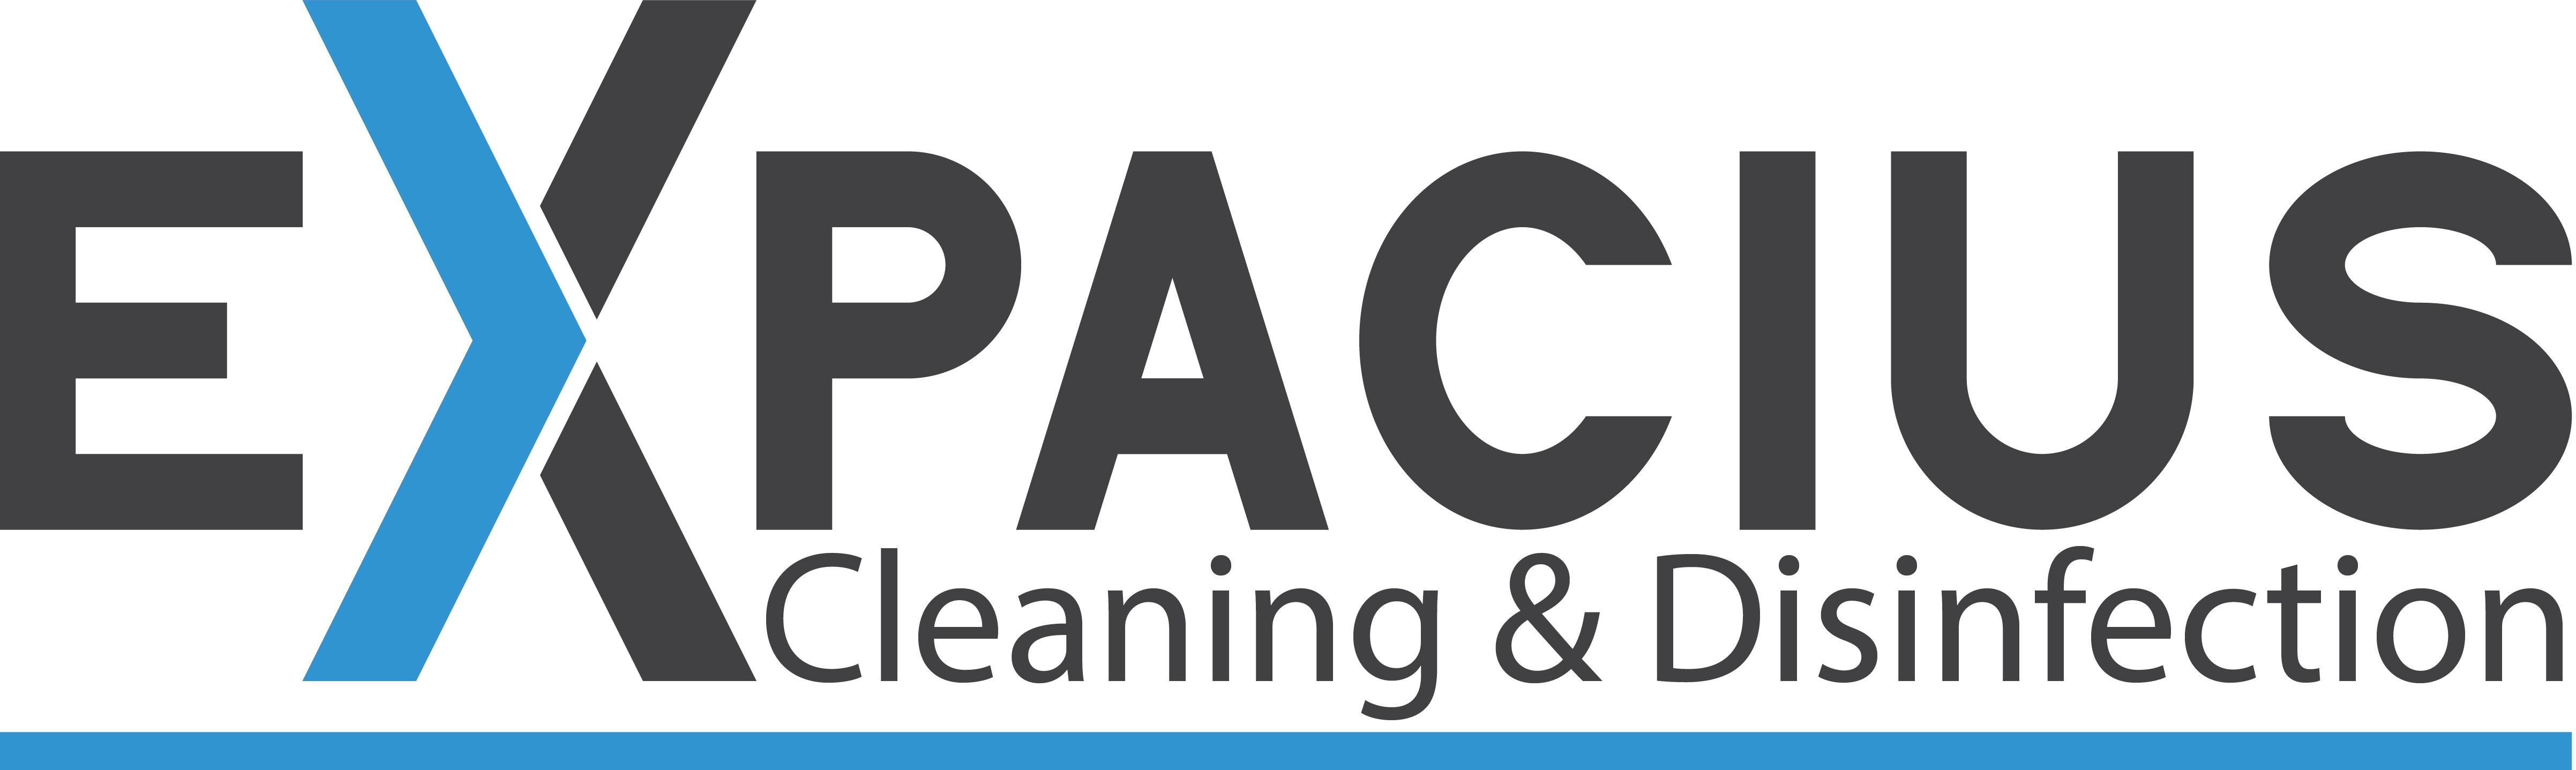 eXpacius Higiene y Desinfección